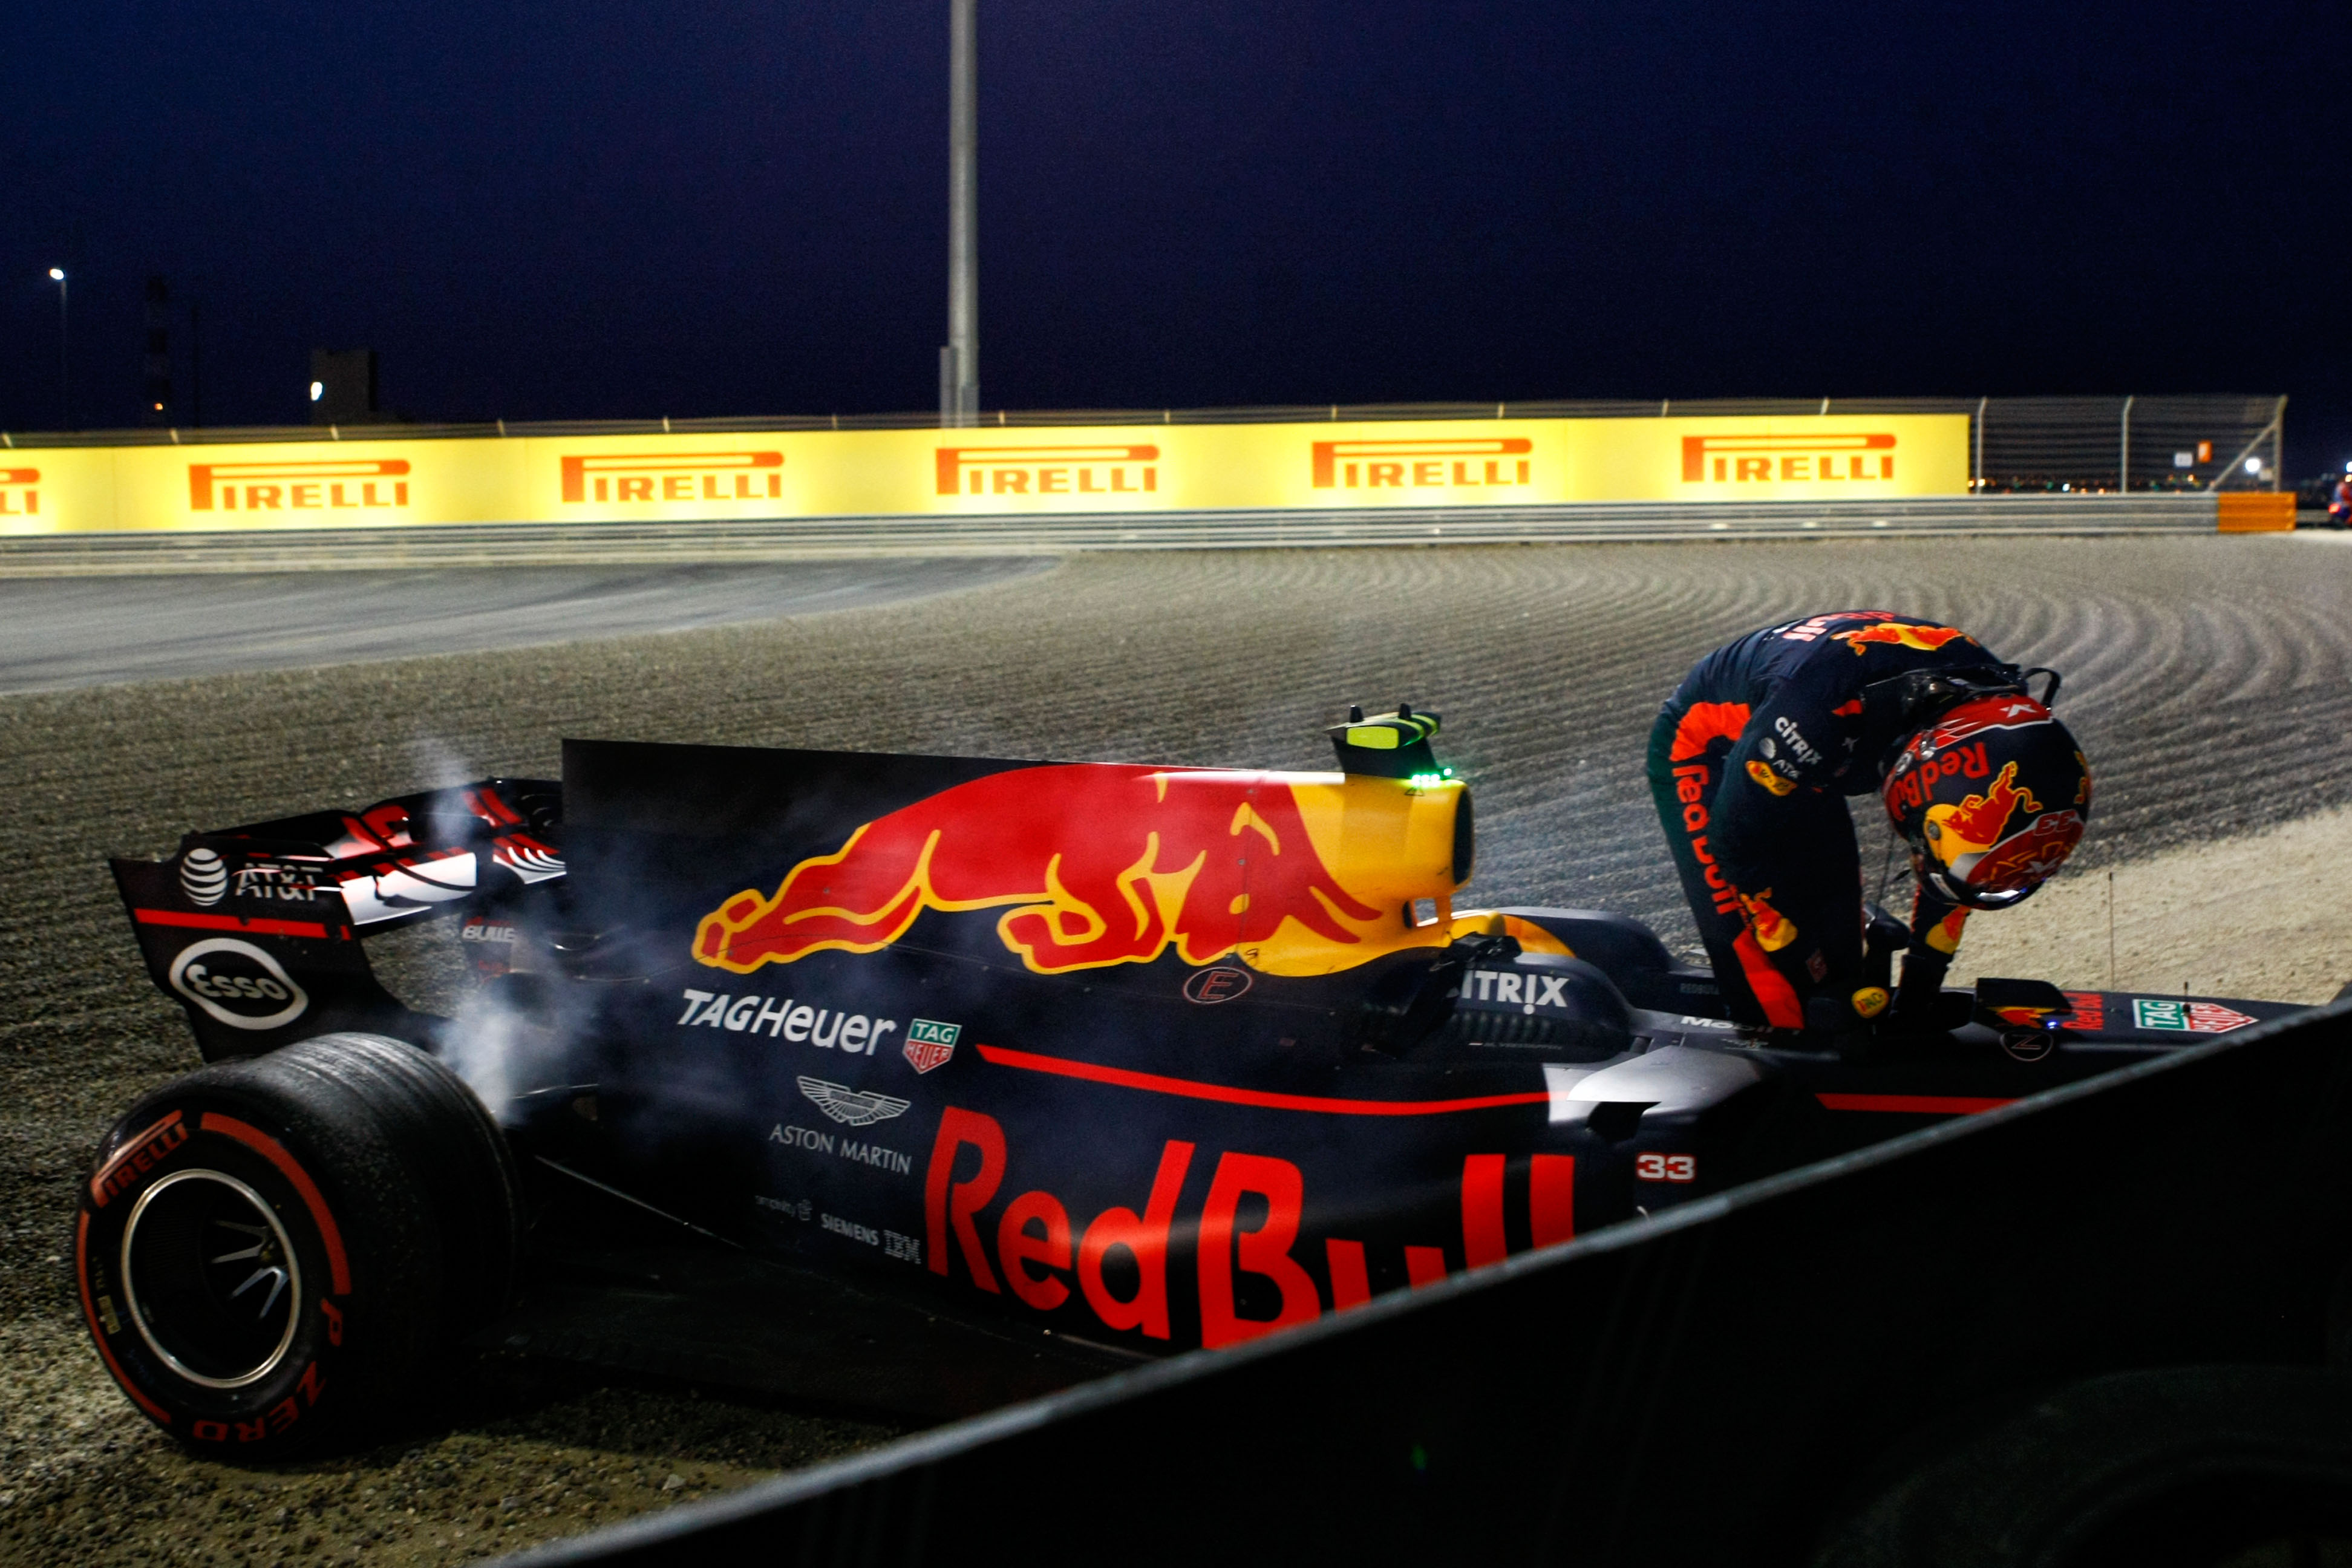 F1 Red Bull Racing Wallpaper